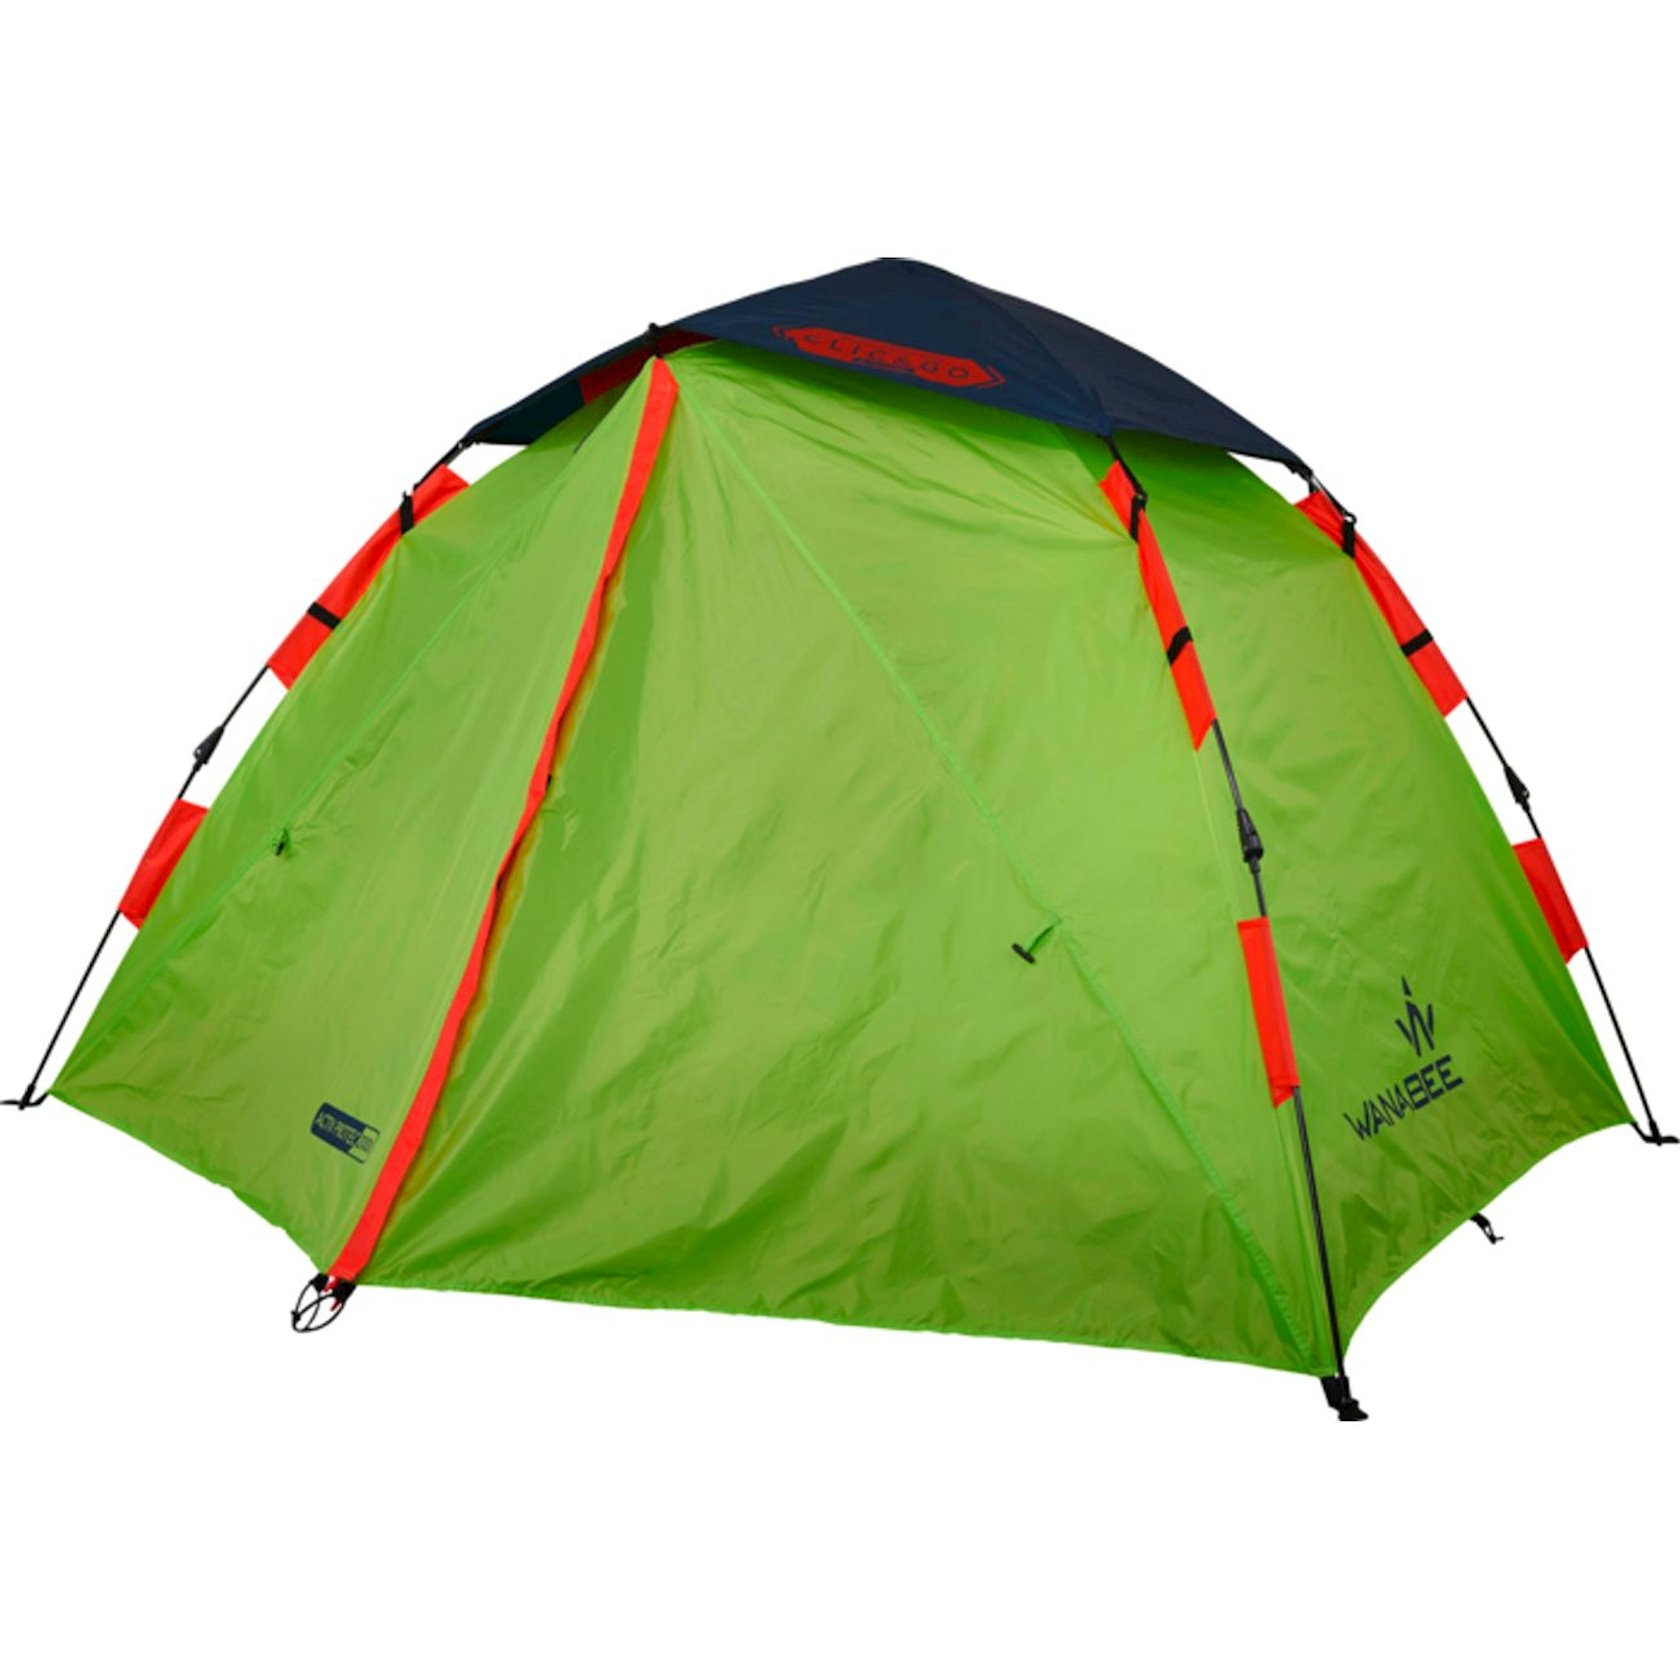 Çadır Wanabee Clic & Go 2, İki nəfərlik, Polyester, En 150sm x Dərinlik 220sm x Hündürlük 115sm, Yaşıl, 3.2 kq